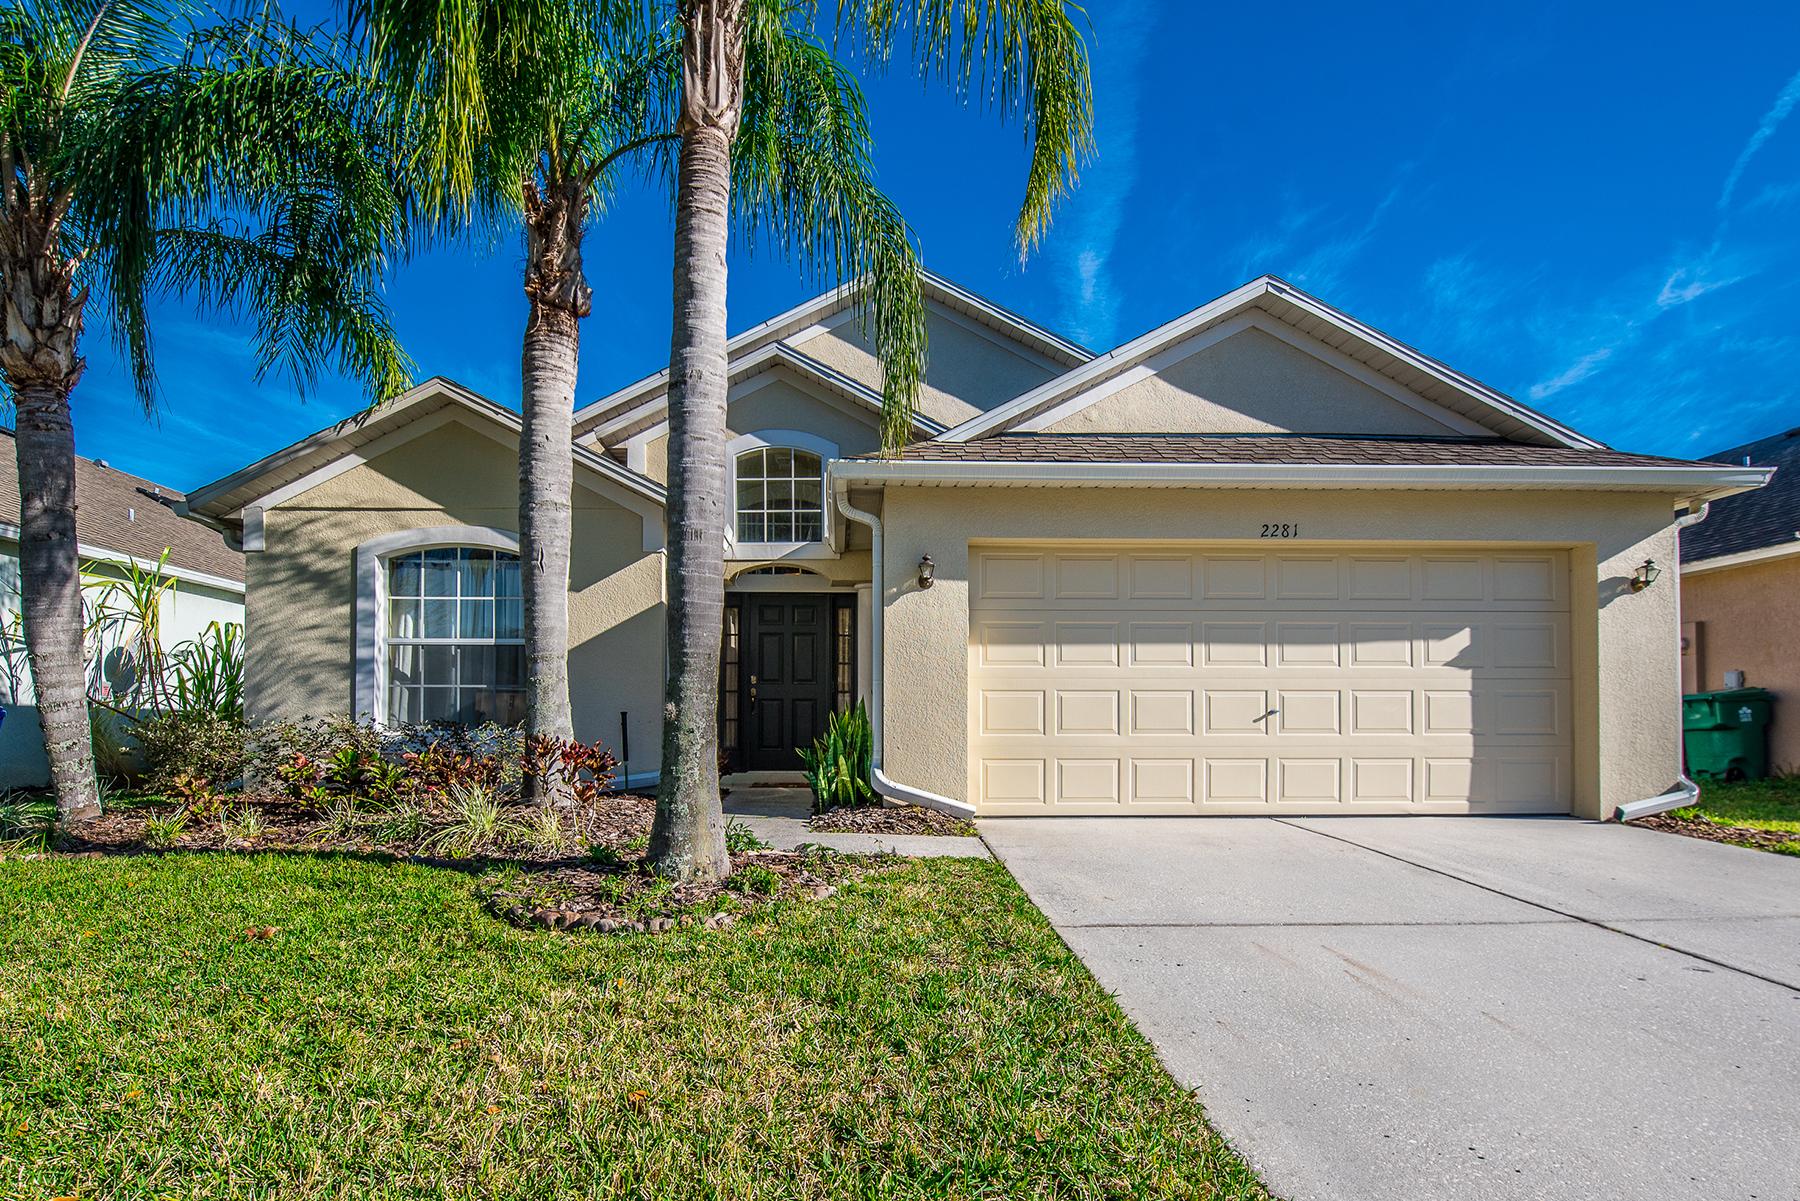 Vivienda unifamiliar por un Venta en 2281 Oakington St , Winter Garden, FL 34787 2281 Oakington St Winter Garden, Florida, 34787 Estados Unidos